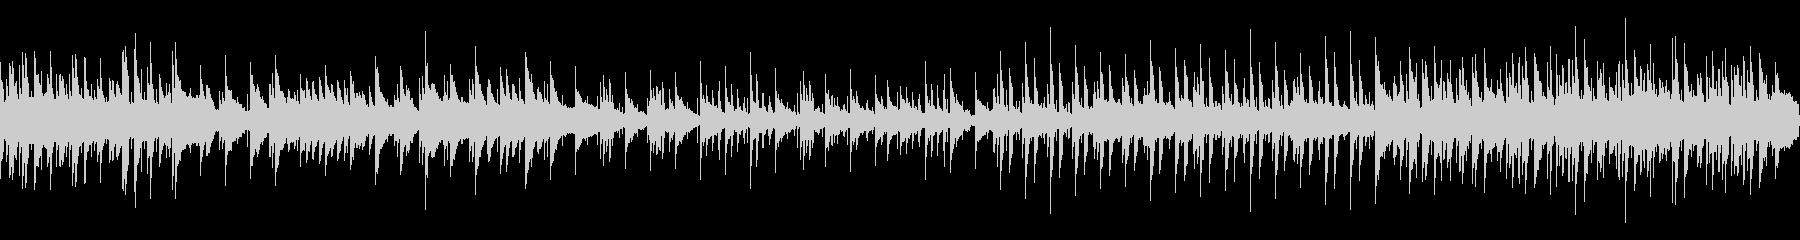 ピアノオーケストラループ音源リバーブな…の未再生の波形